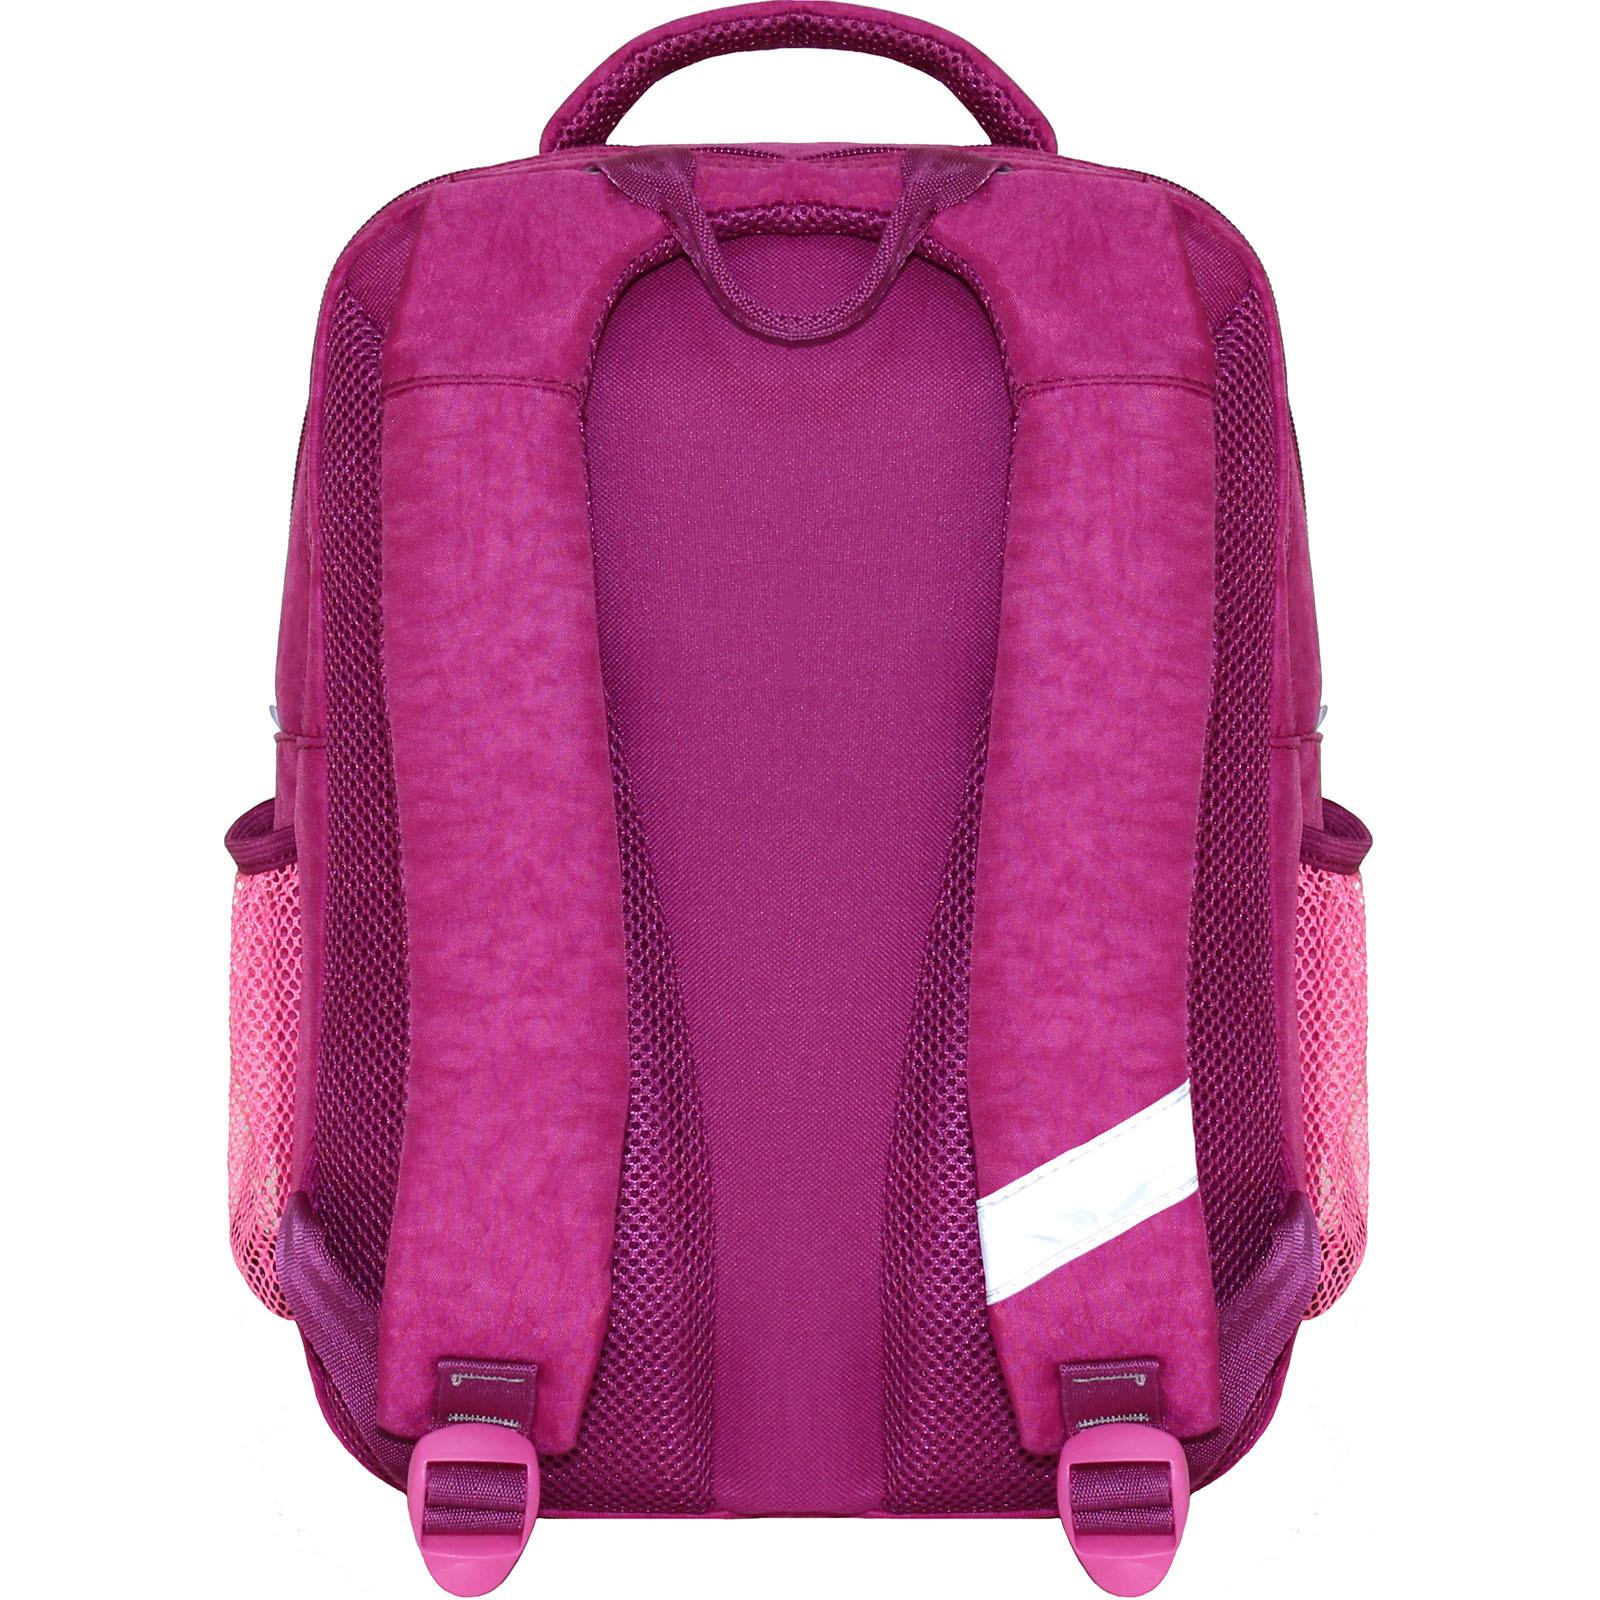 Рюкзак школьный Bagland Школьник 8 л. 143 малиновый 615 (0012870) фото 3